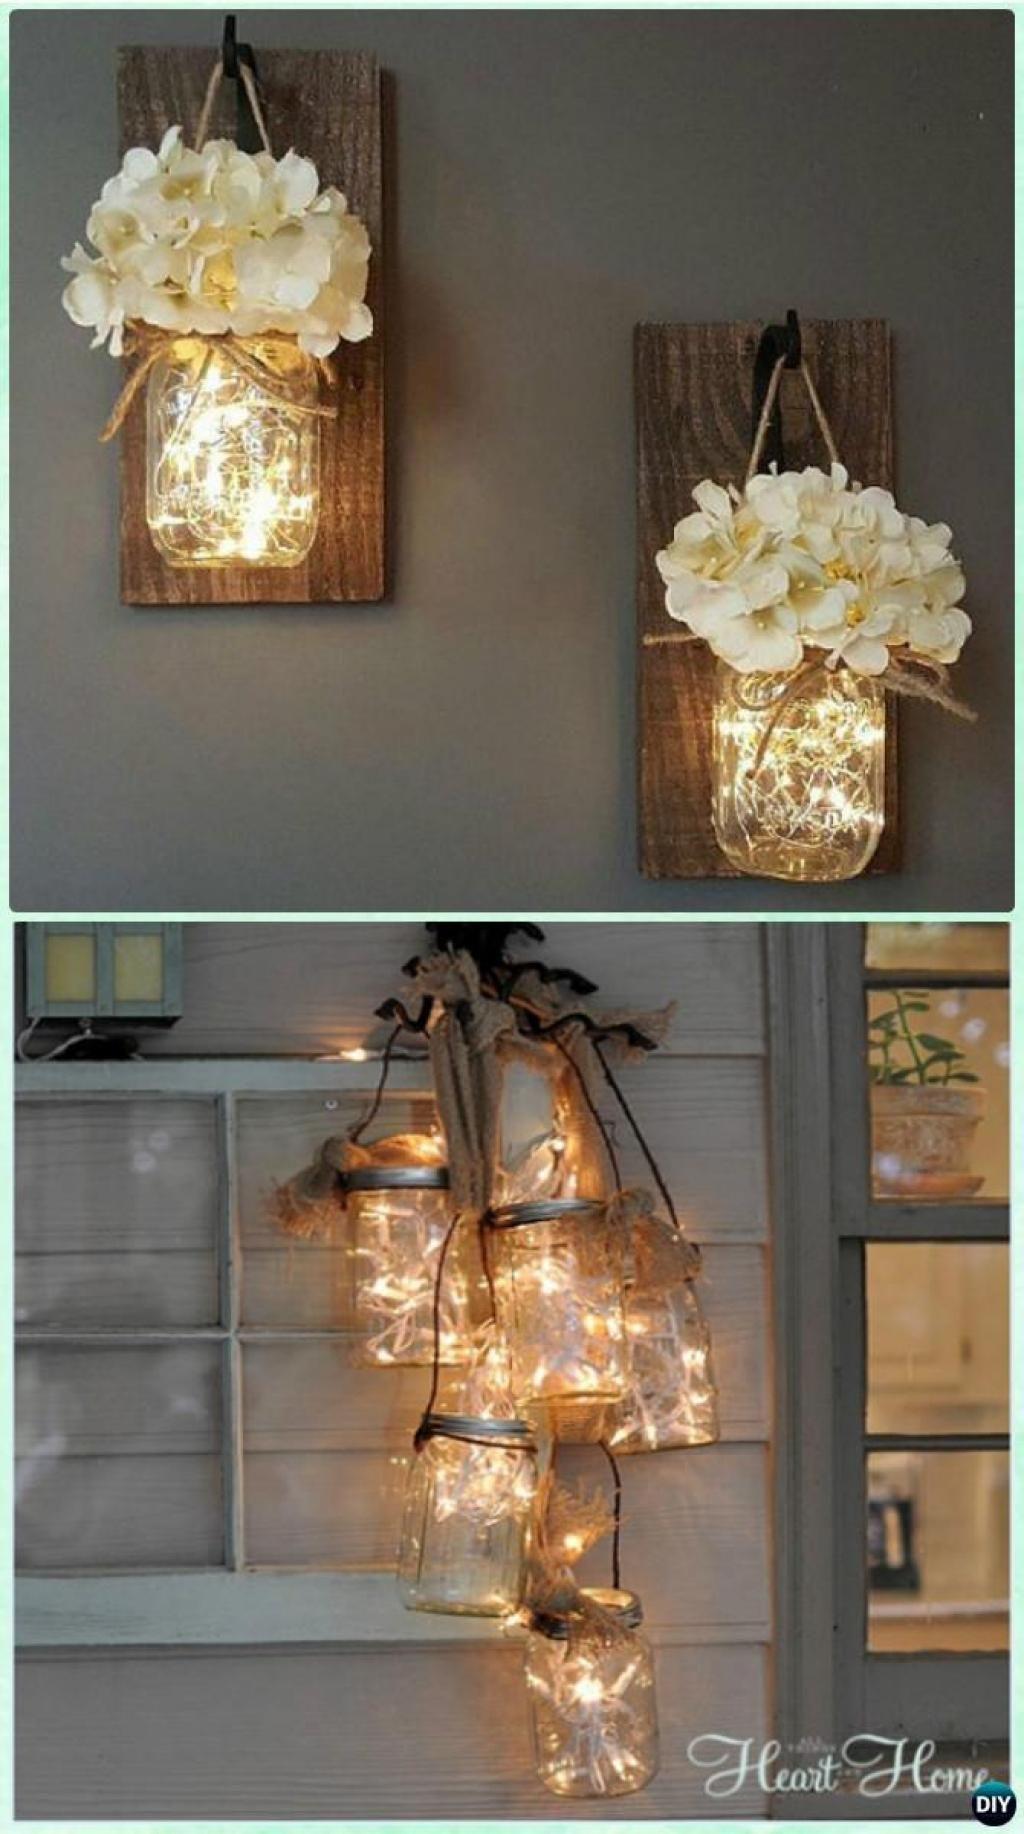 Mason Jar Decorating Transformez Vos Pots Mason En Photophores Des Fêtes  10 Idées À